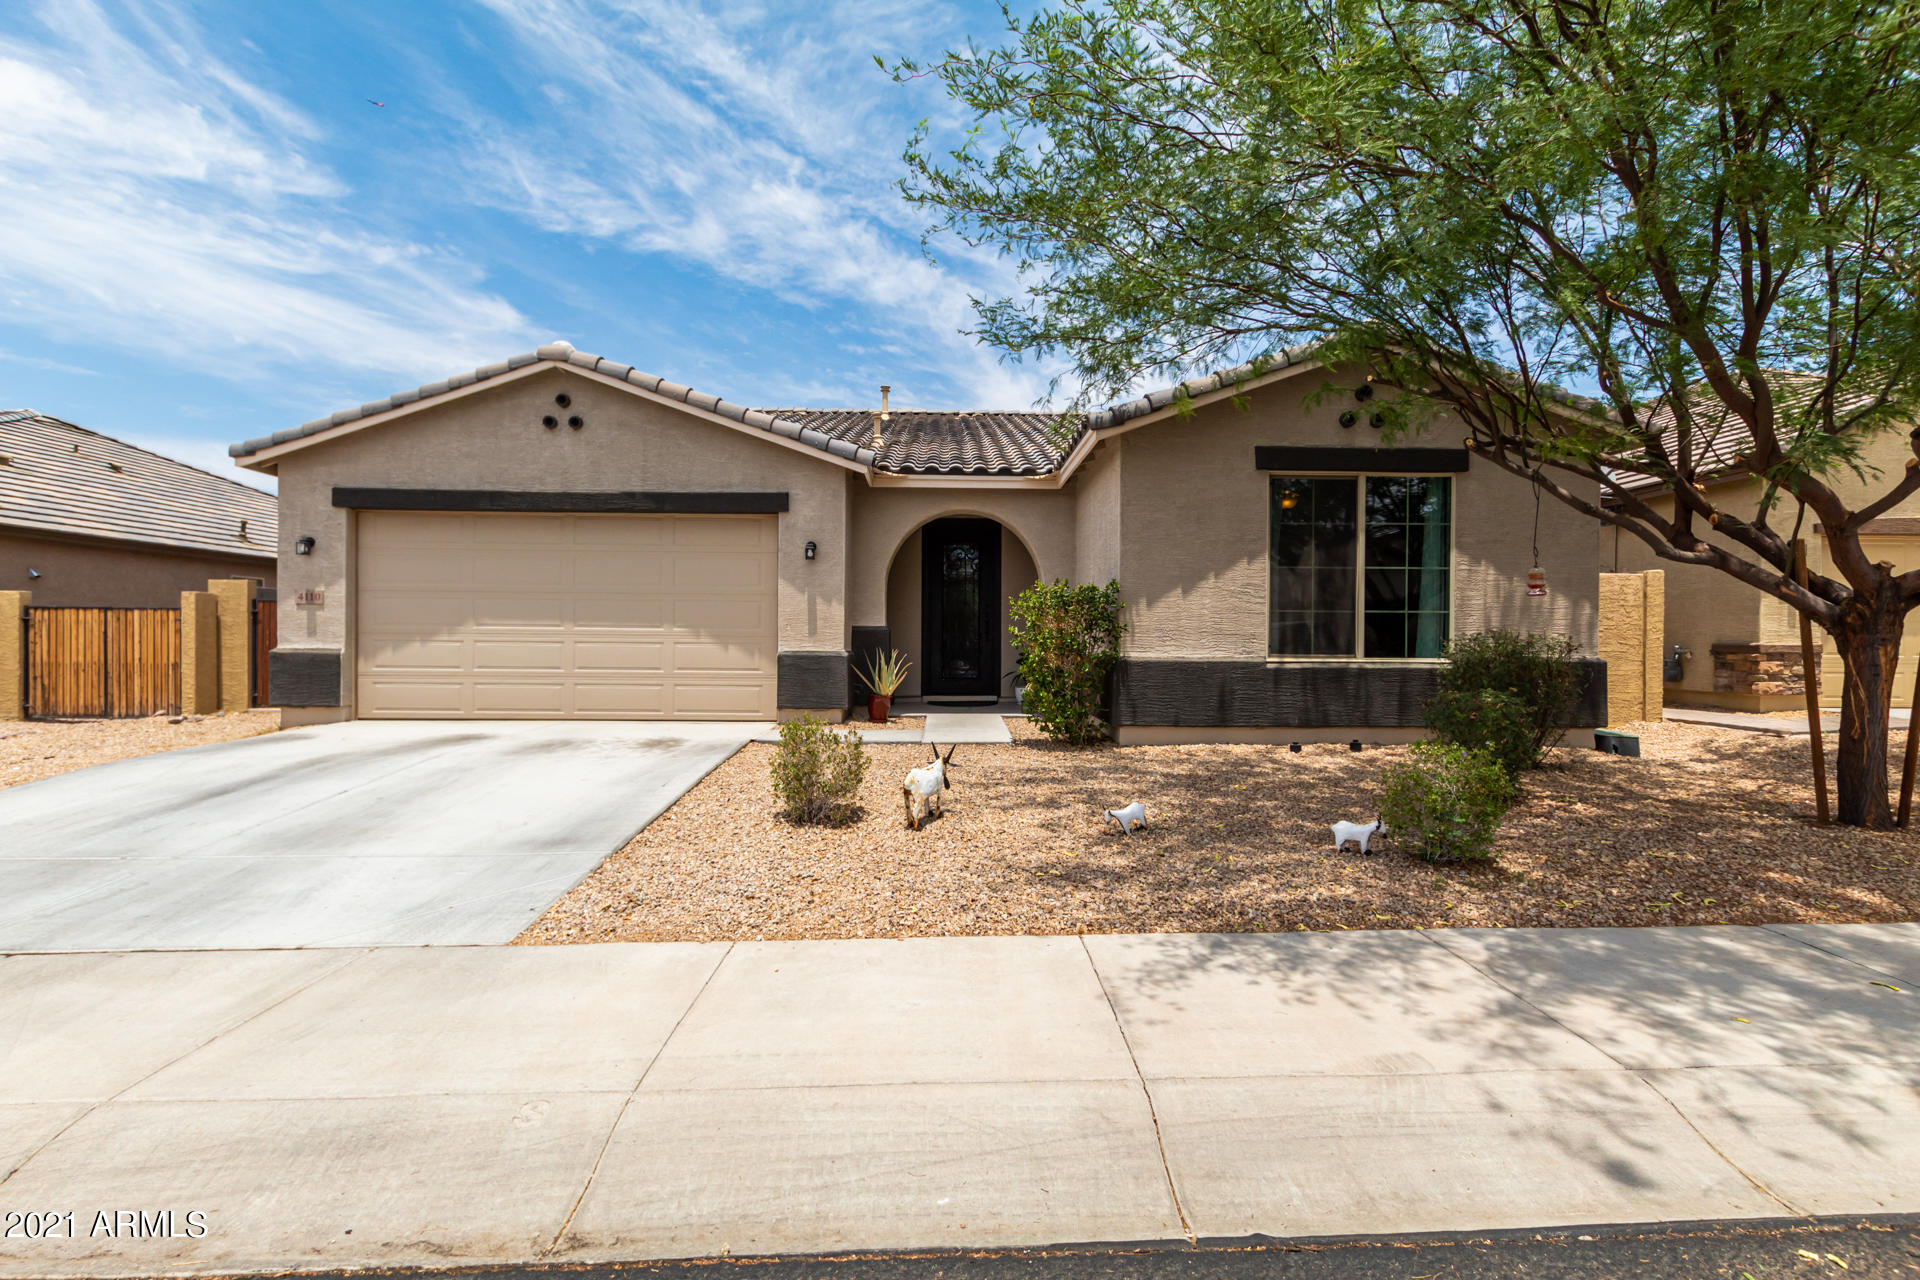 4110 DESERT Lane, Laveen, Arizona 85339, 3 Bedrooms Bedrooms, ,2 BathroomsBathrooms,Residential,For Sale,DESERT,6254703